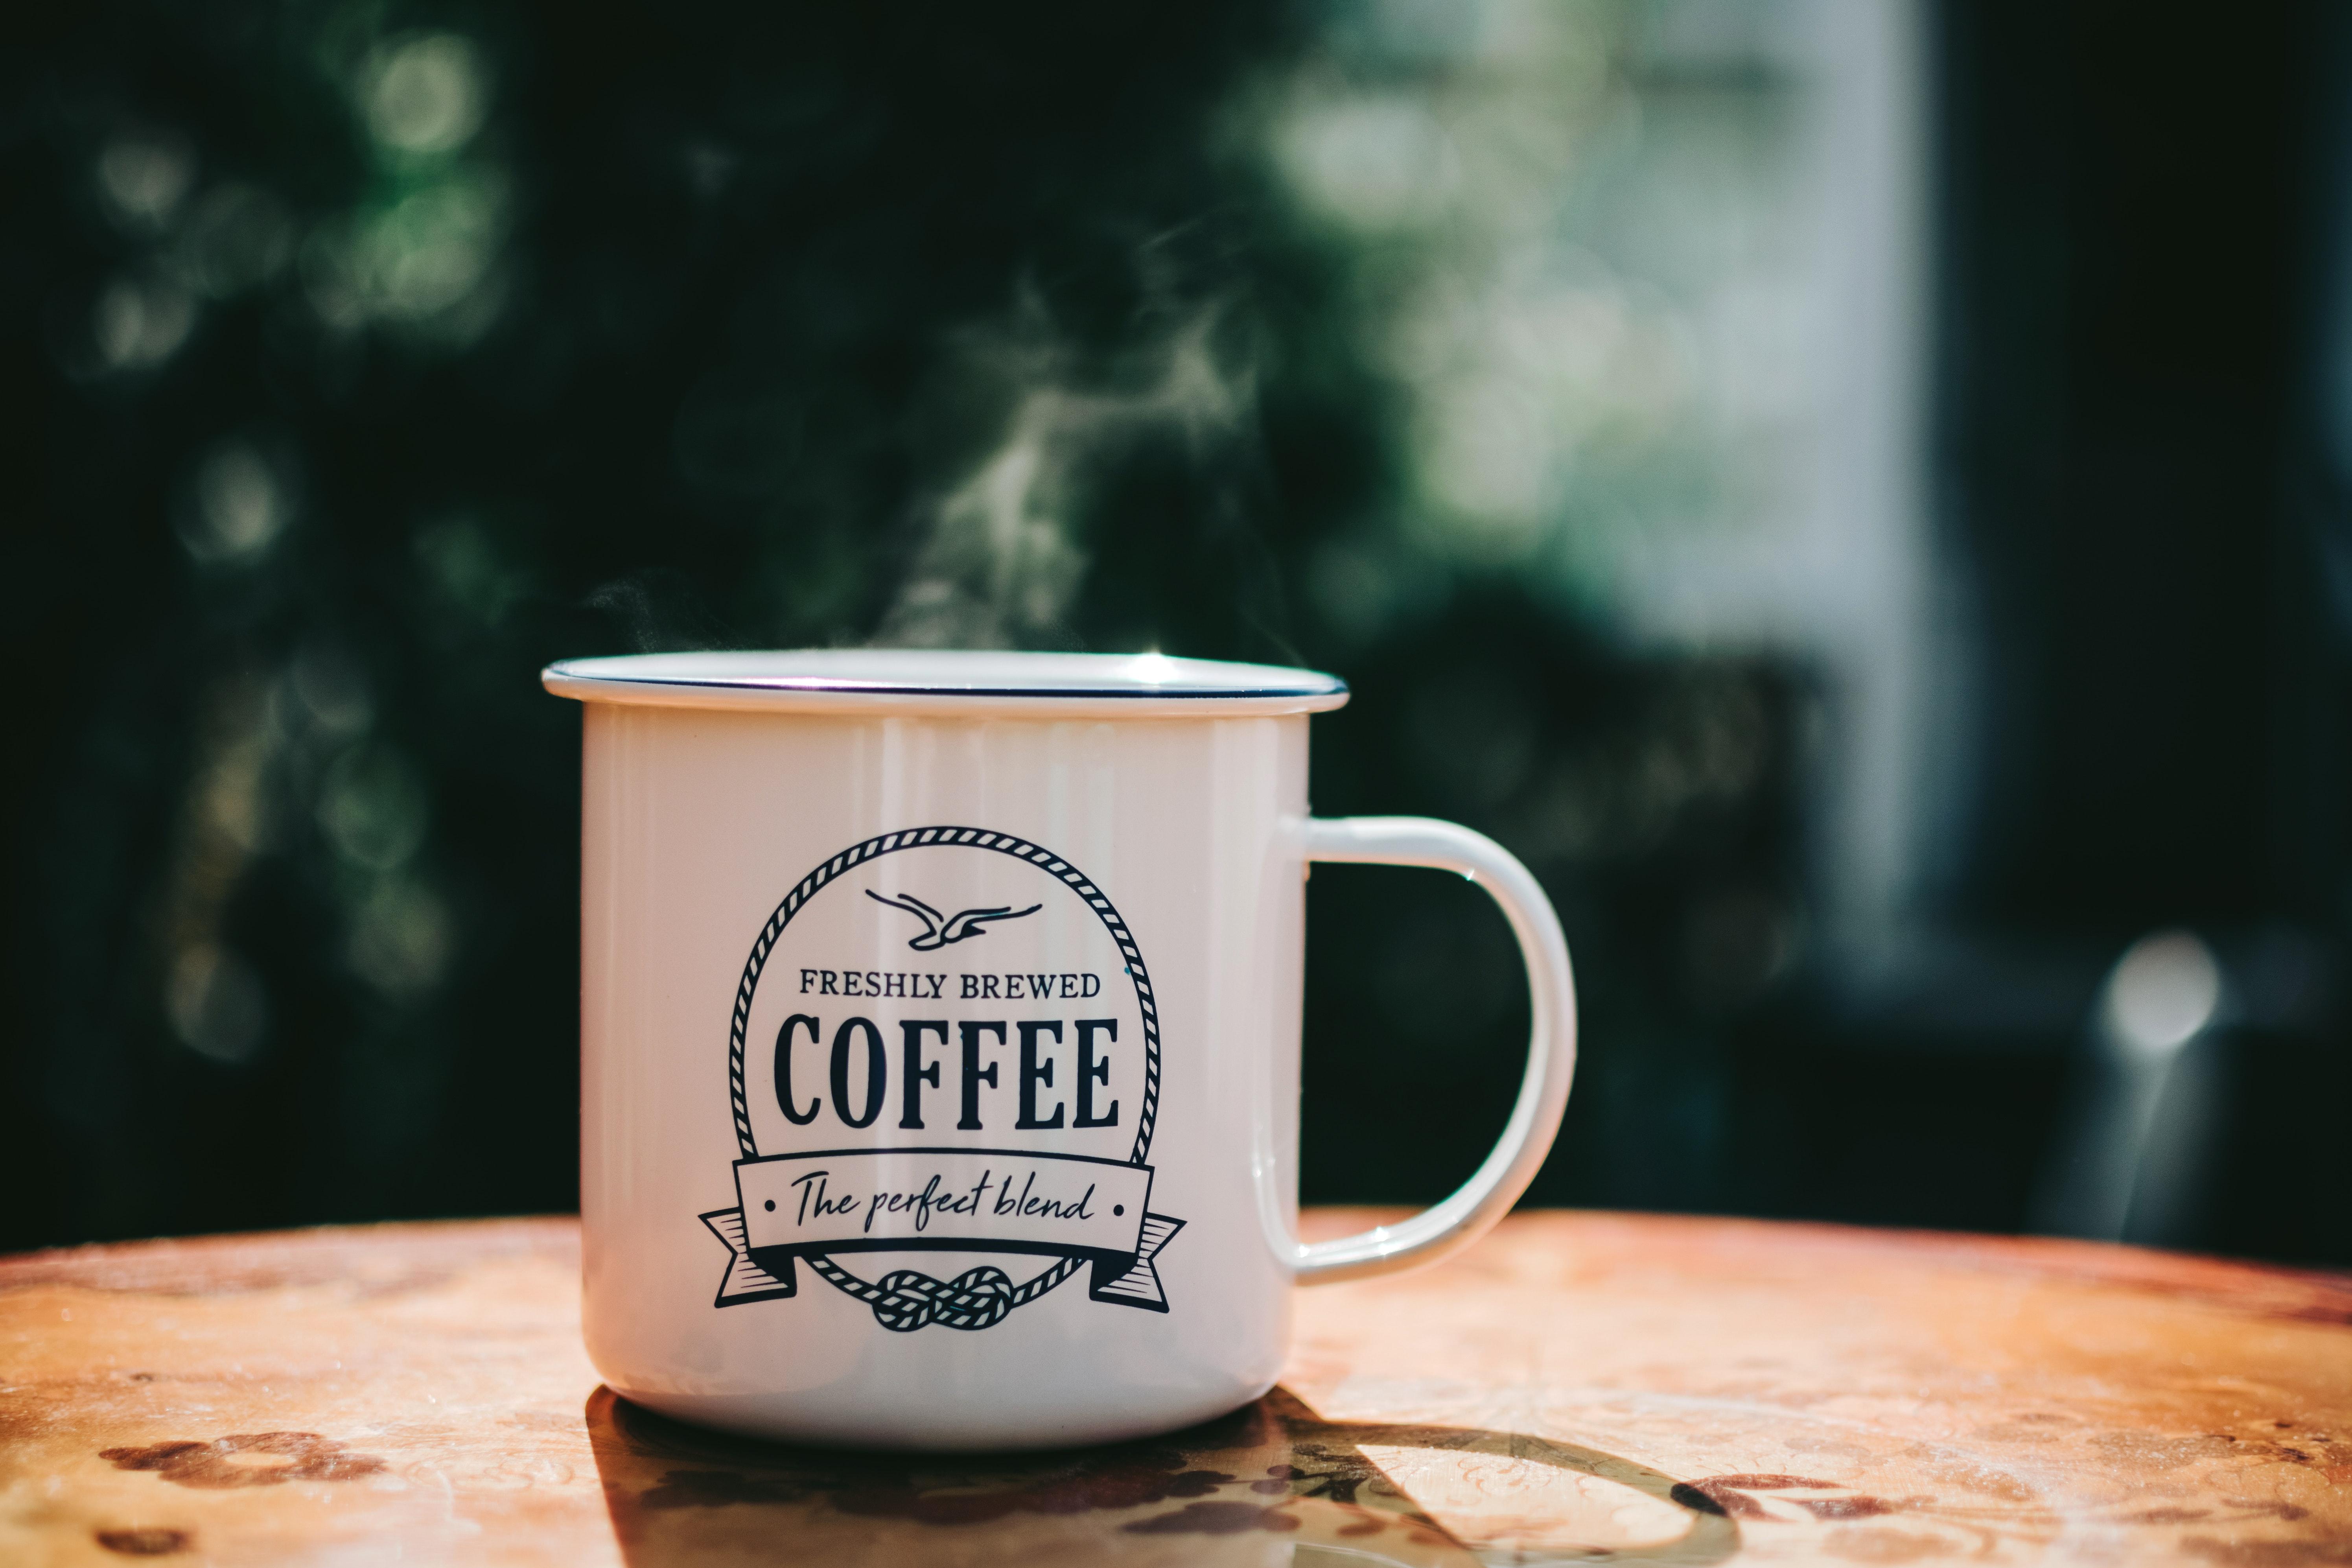 een witte emaille mok met daarop de tekst 'perfectly brewed coffee'.